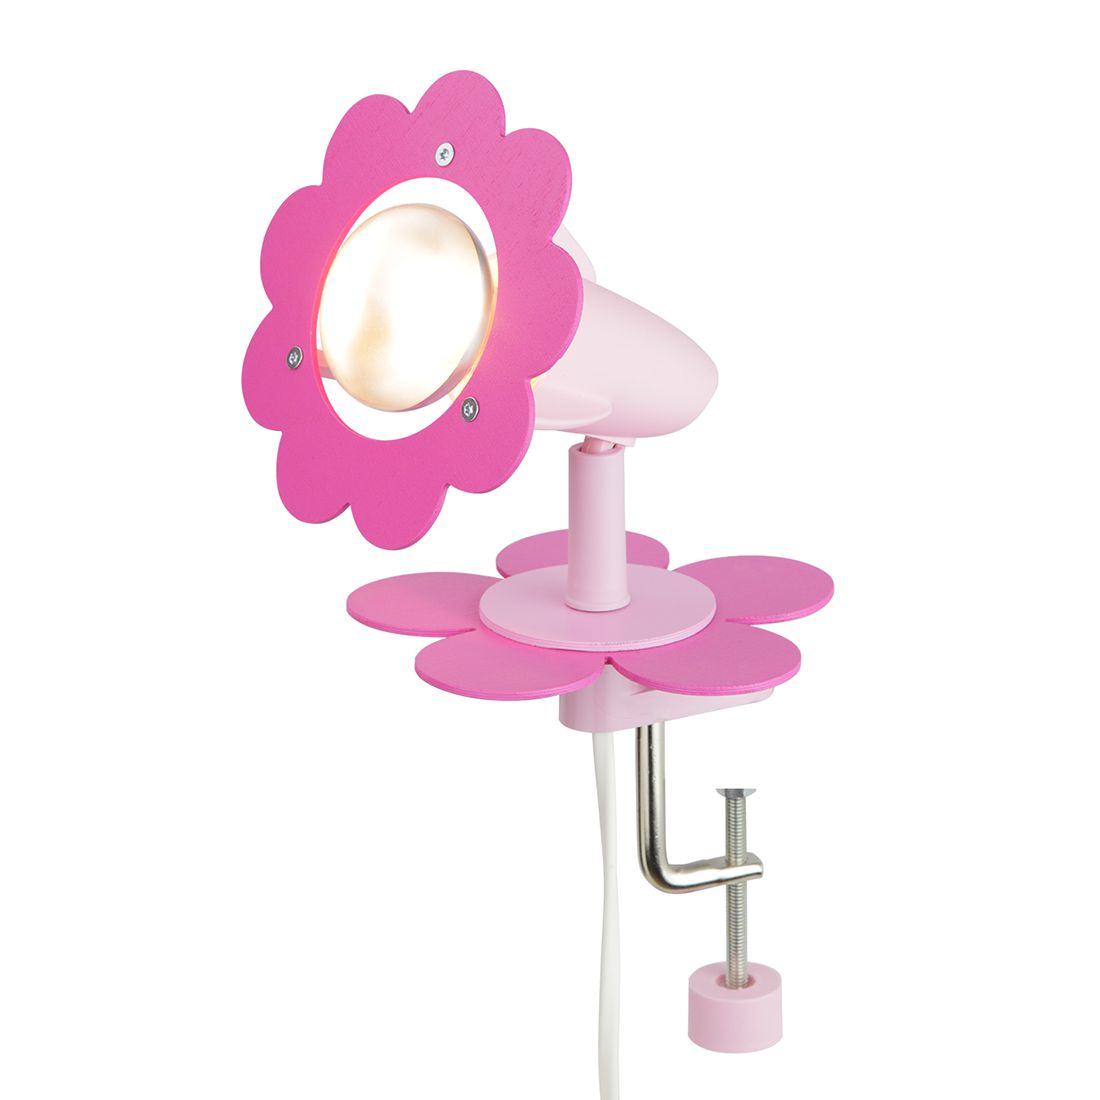 Home 24 - Eek a++, plafonnier fleur - bois 1 ampoule, elobra